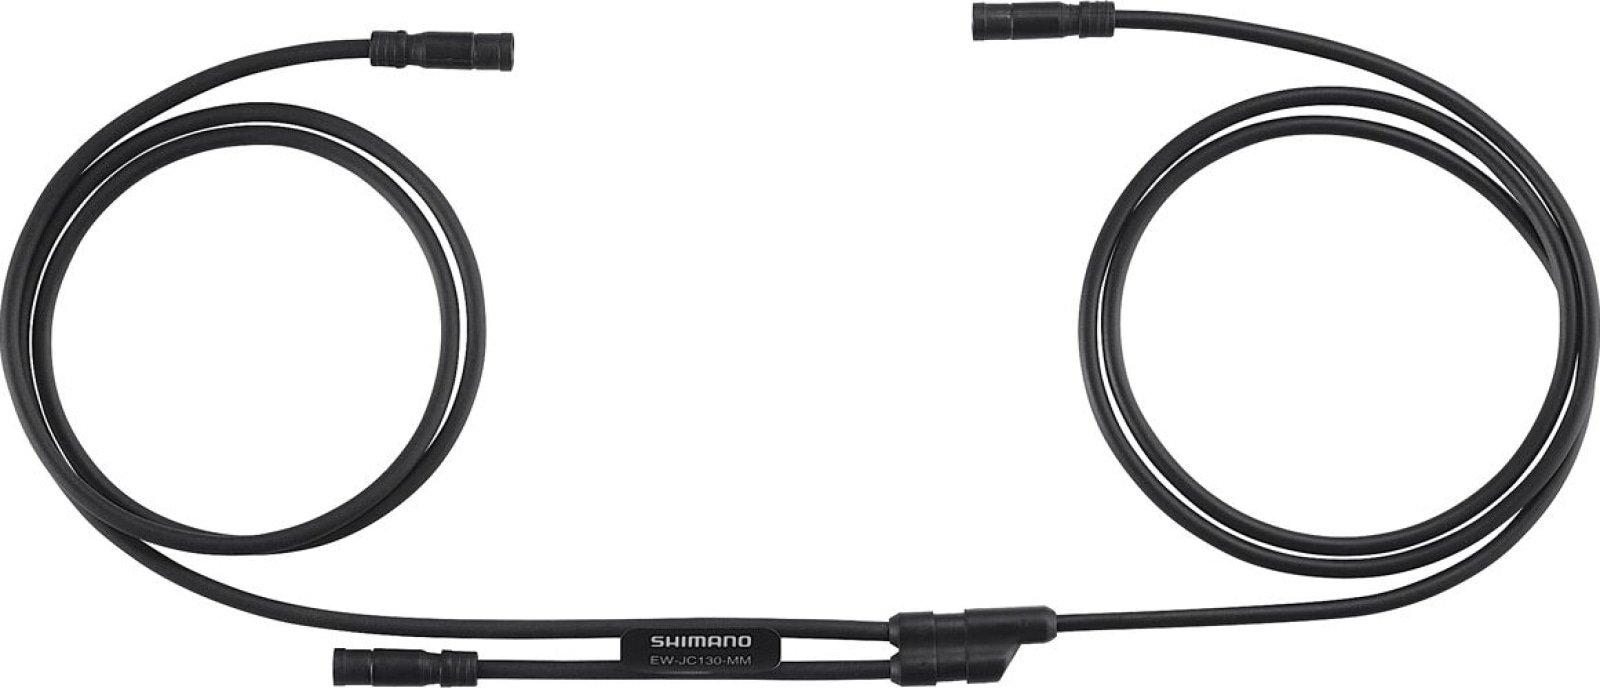 shimano kabel di2 y-kabel ew-jc130